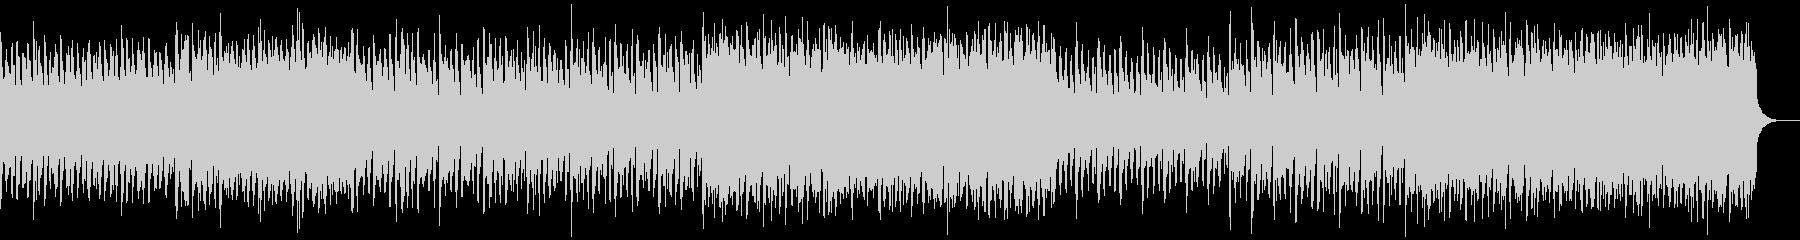 お洒落な映像やCM/ジャズピアノハウス1の未再生の波形